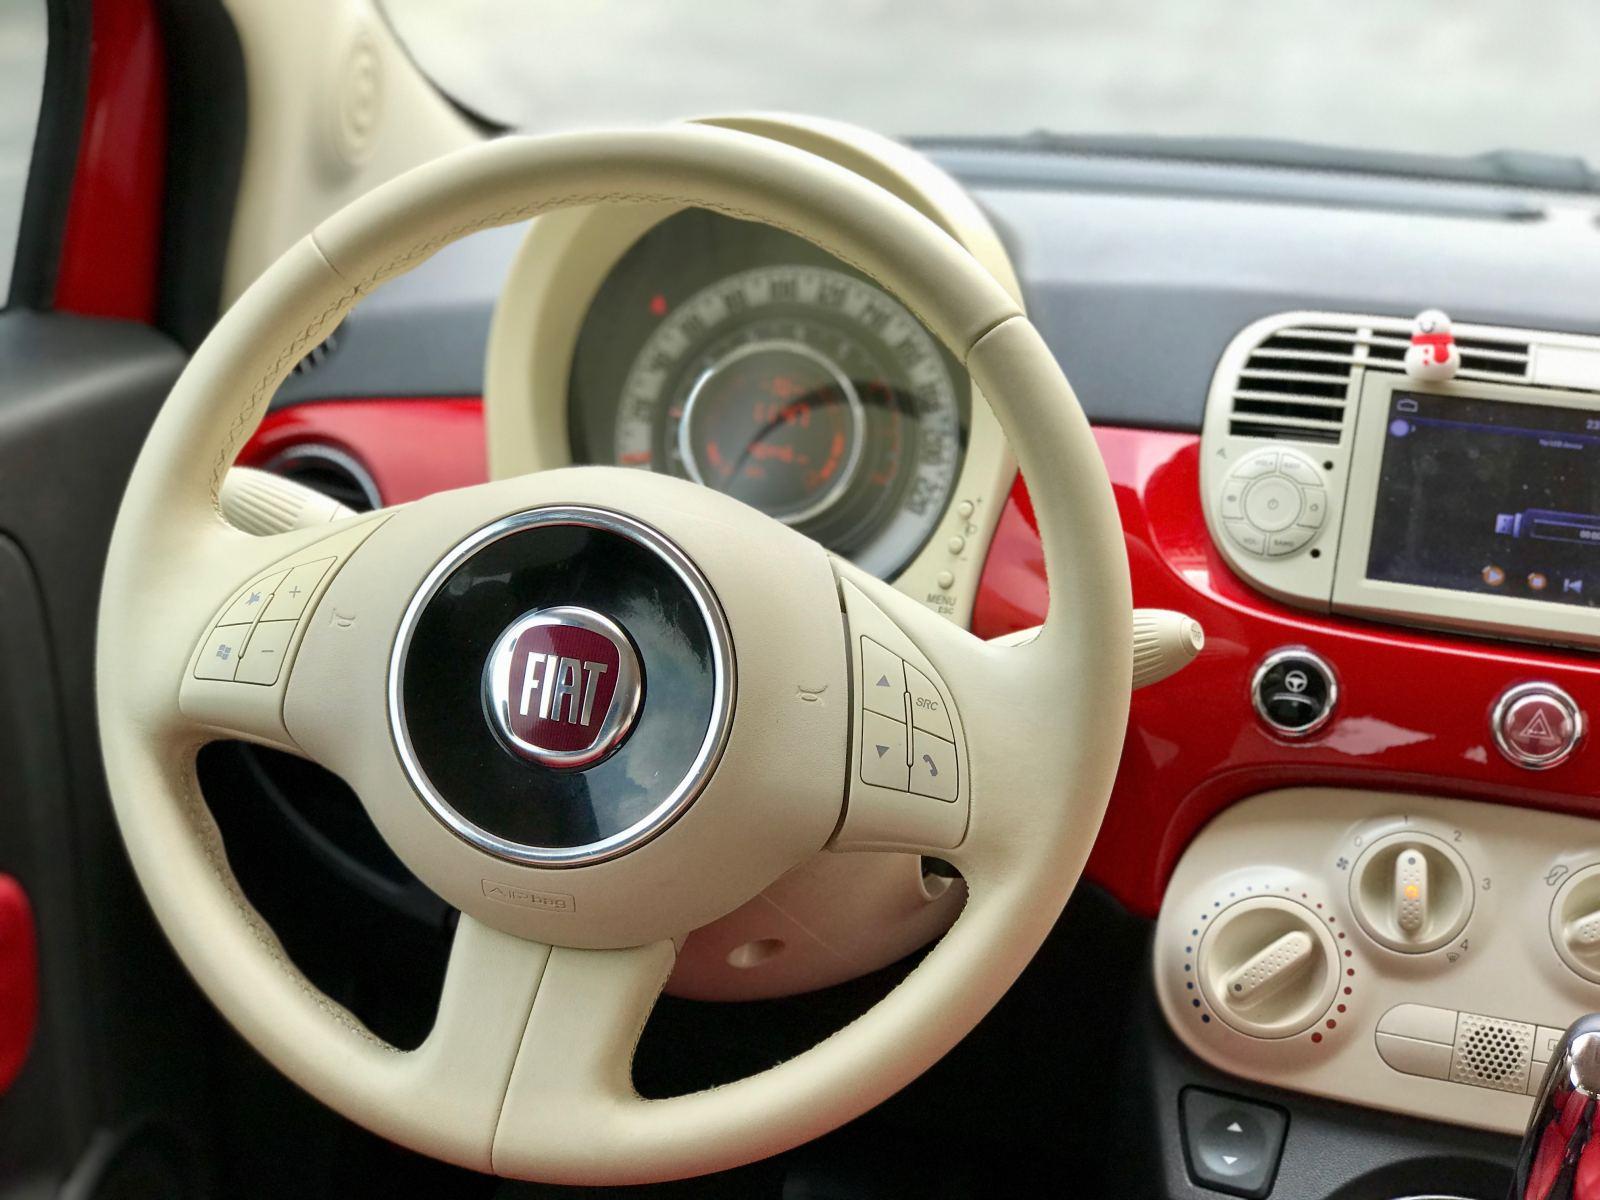 Cận ảnh Fiat 500 qua 10 năm sử dụng, giá 400 triệu đồng tại Việt Nam - 4